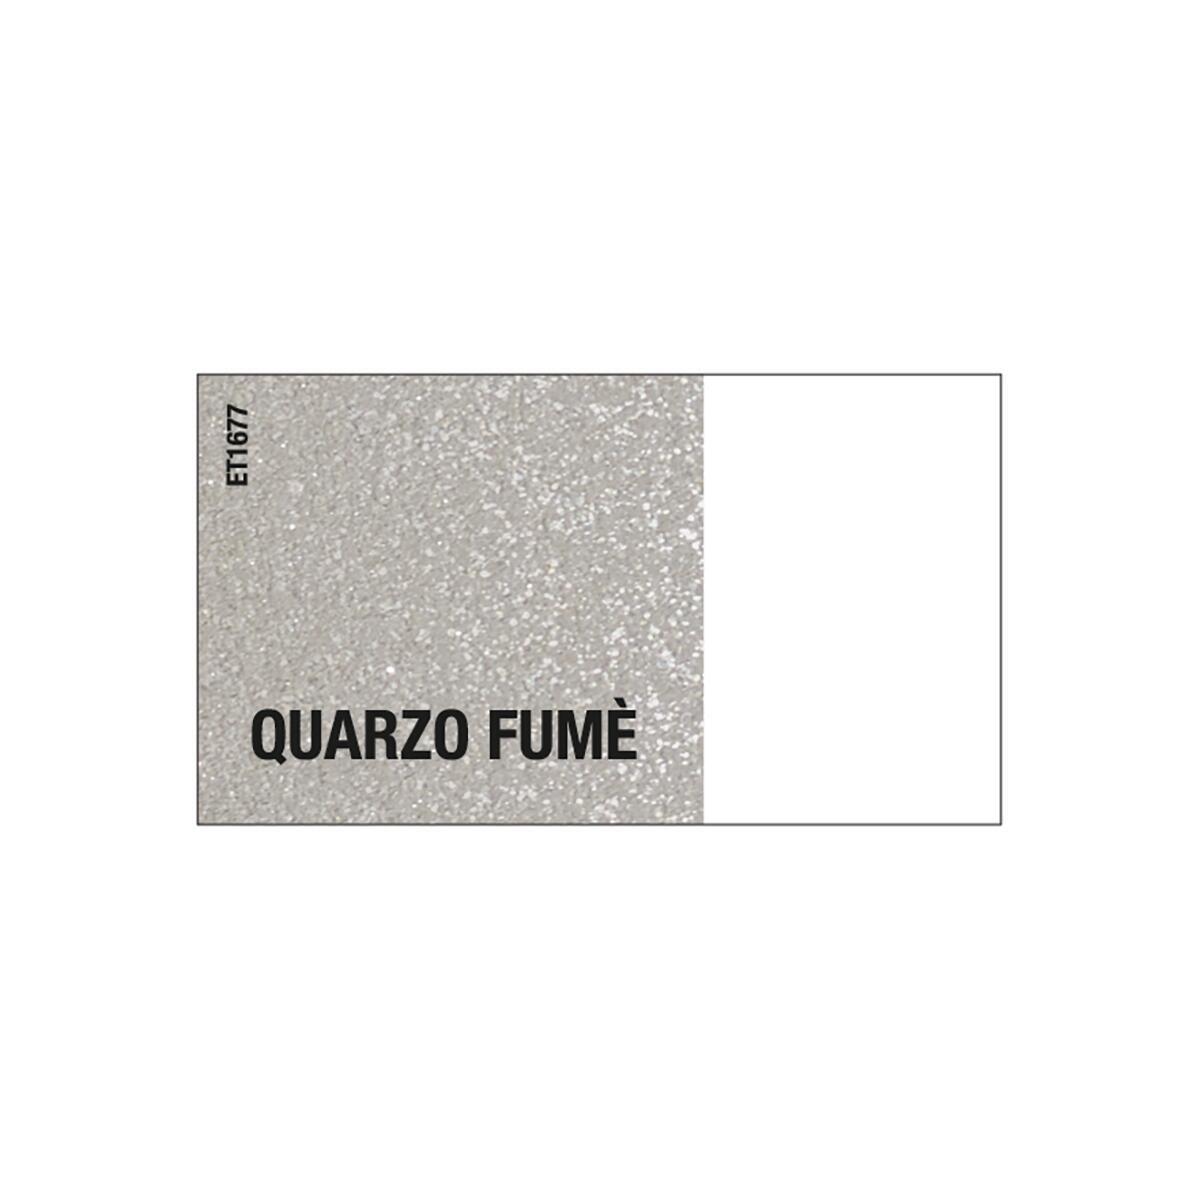 Pittura decorativa LUXENS EFFETTO METALLIZZATO ATERMICO 1 l quarzo fume effetto metallo - 6